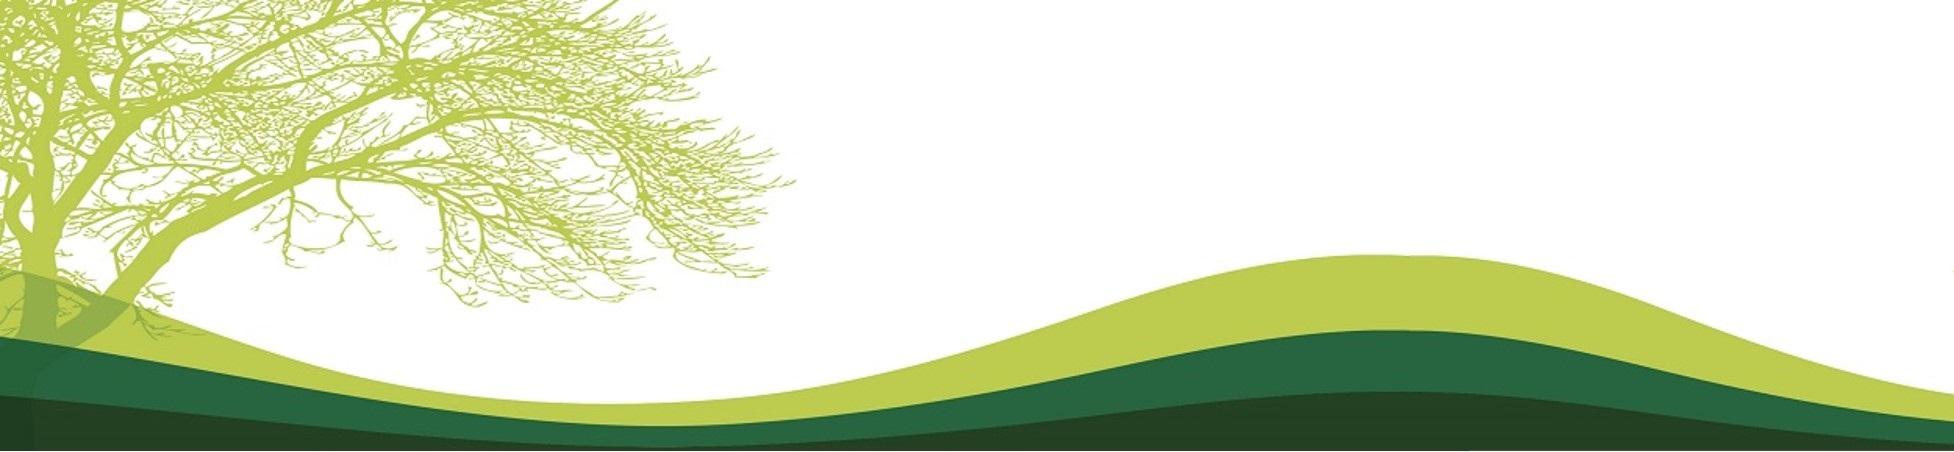 Banner con motivo de arbol y montañas todo en tonalidades verdes